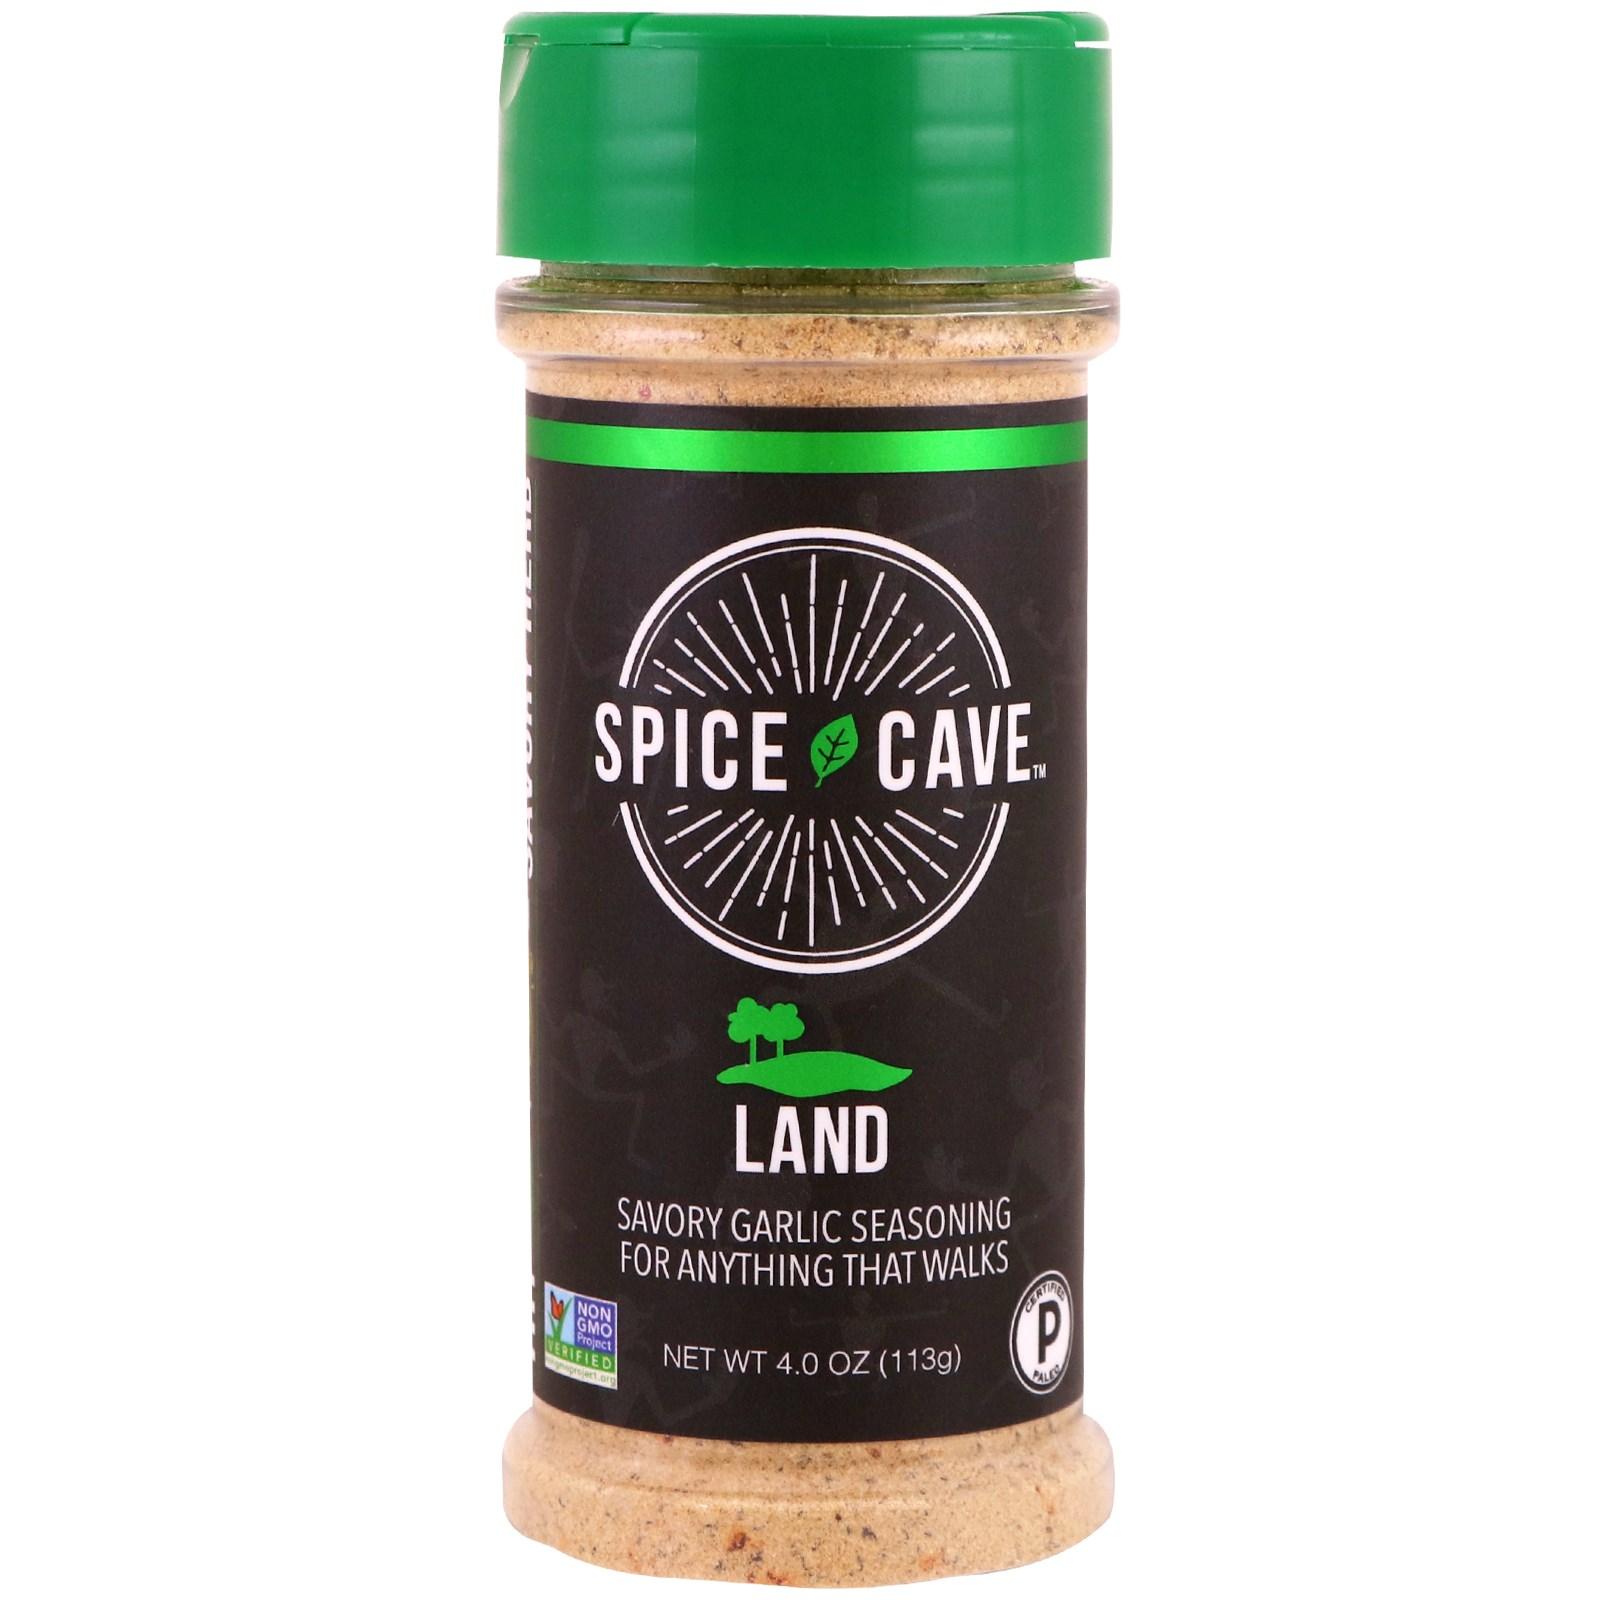 Spice Cave, Land, острая чесночная приправа, 4.0 унции (113 г)